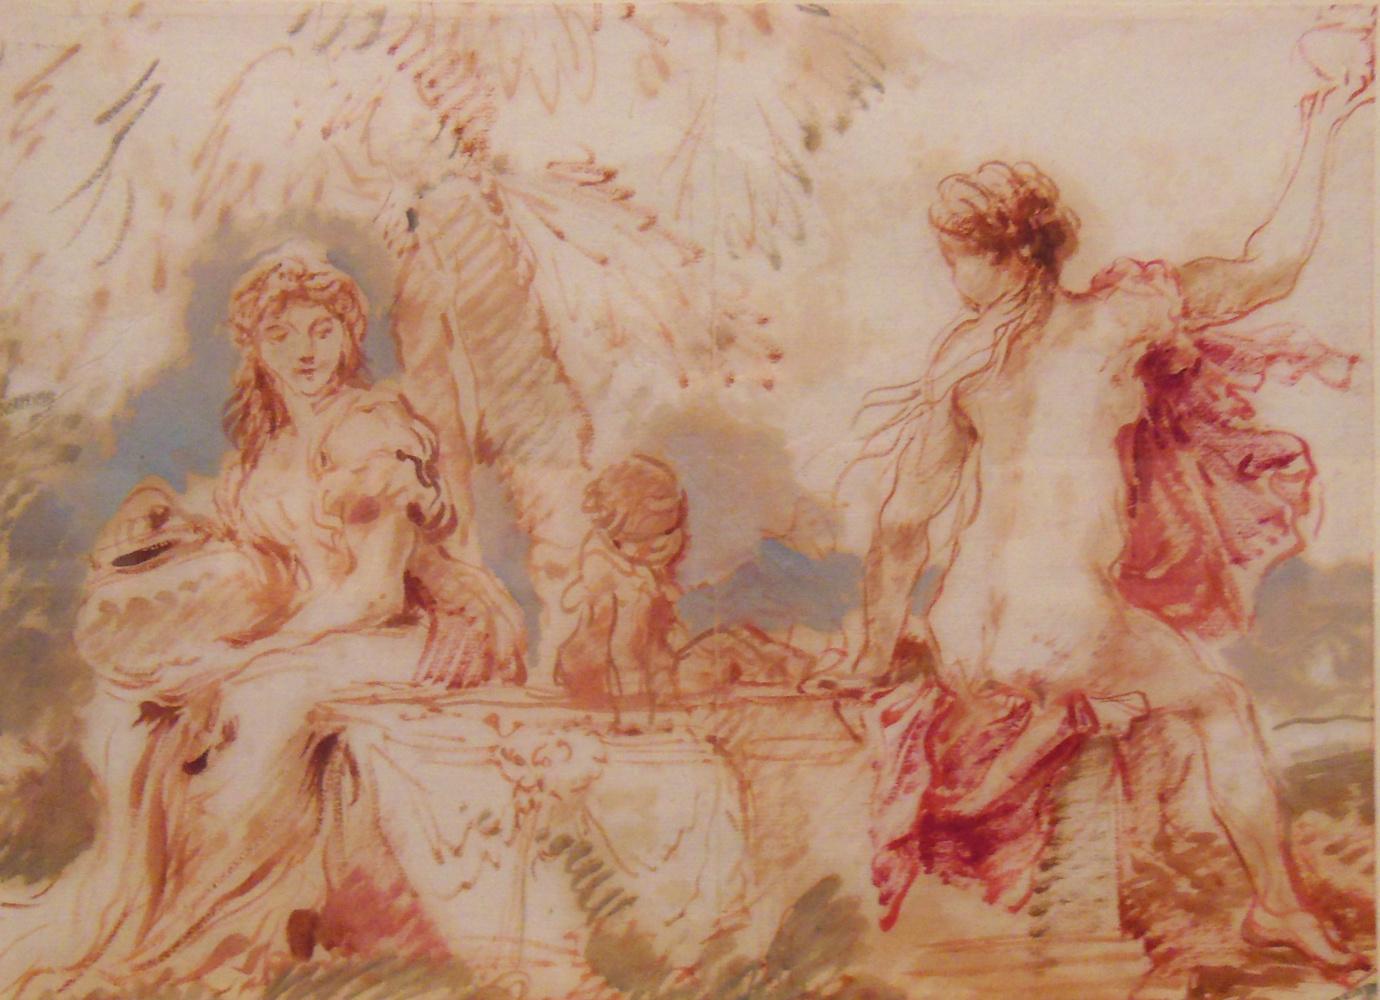 «Второй Рембрандт»: жизнь и творчество забытого гения Джованни Кастильоне на выставке в Денвере